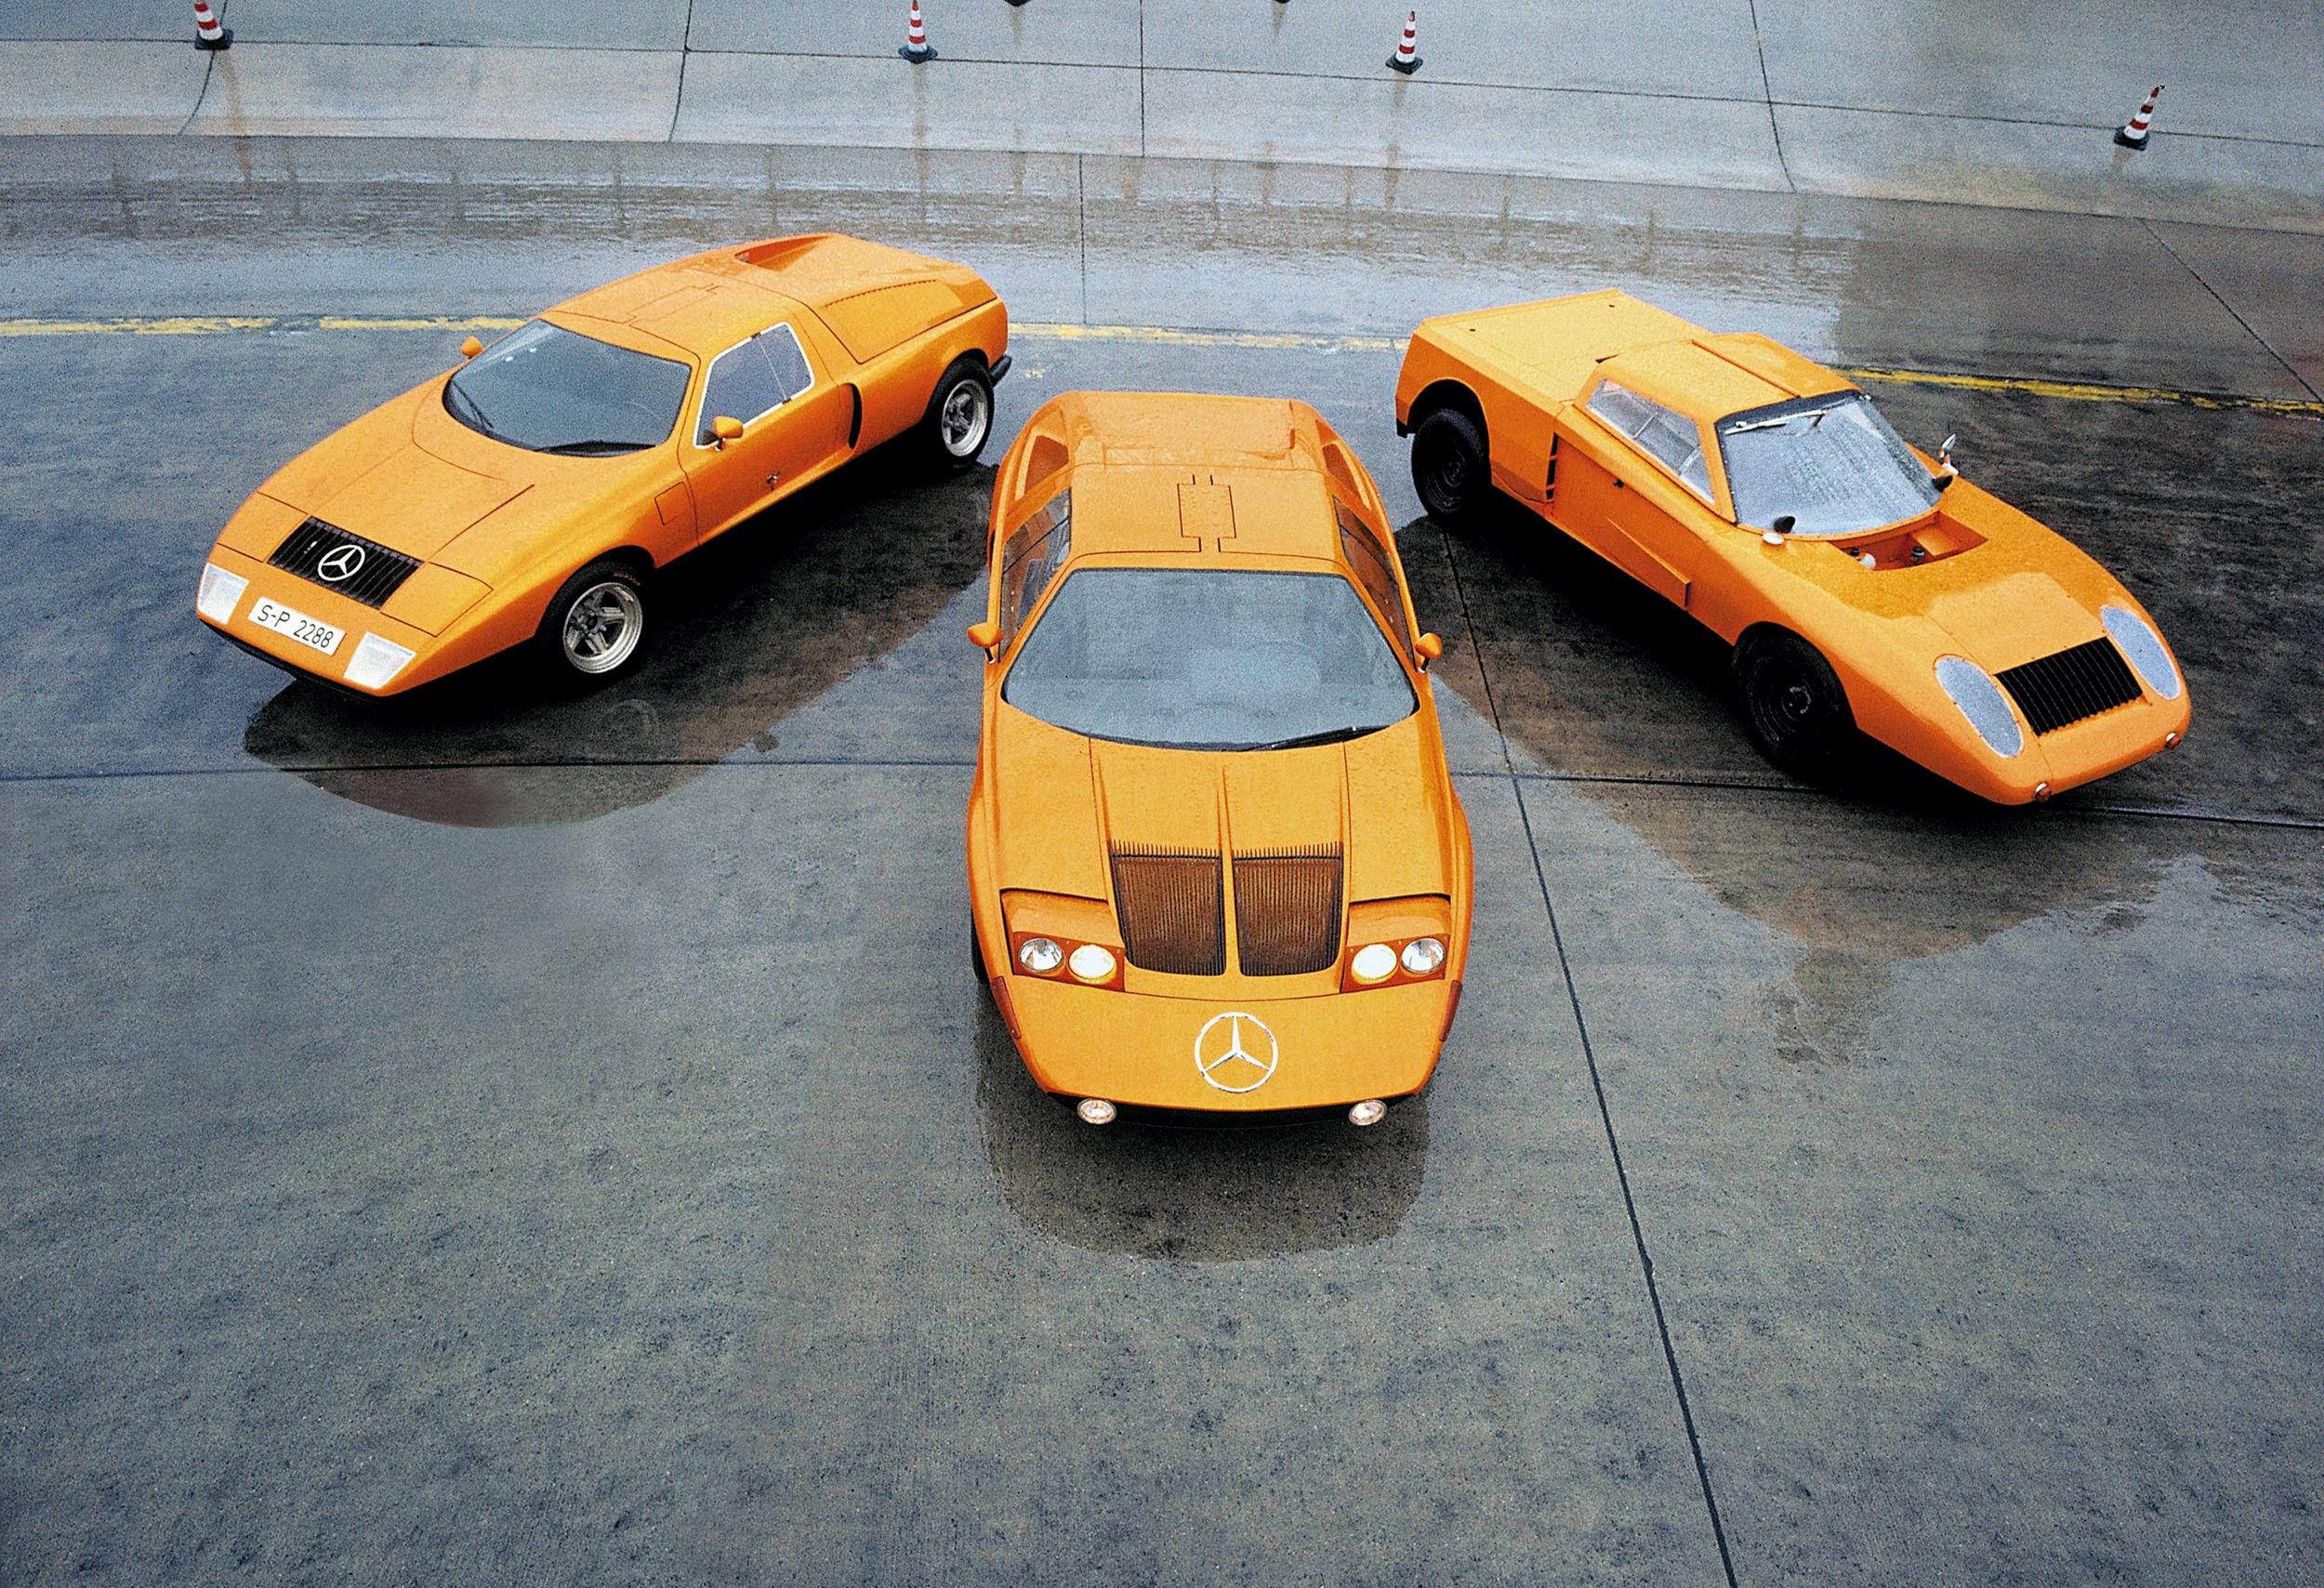 1969_Mercedes-Benz_C111_prototipi